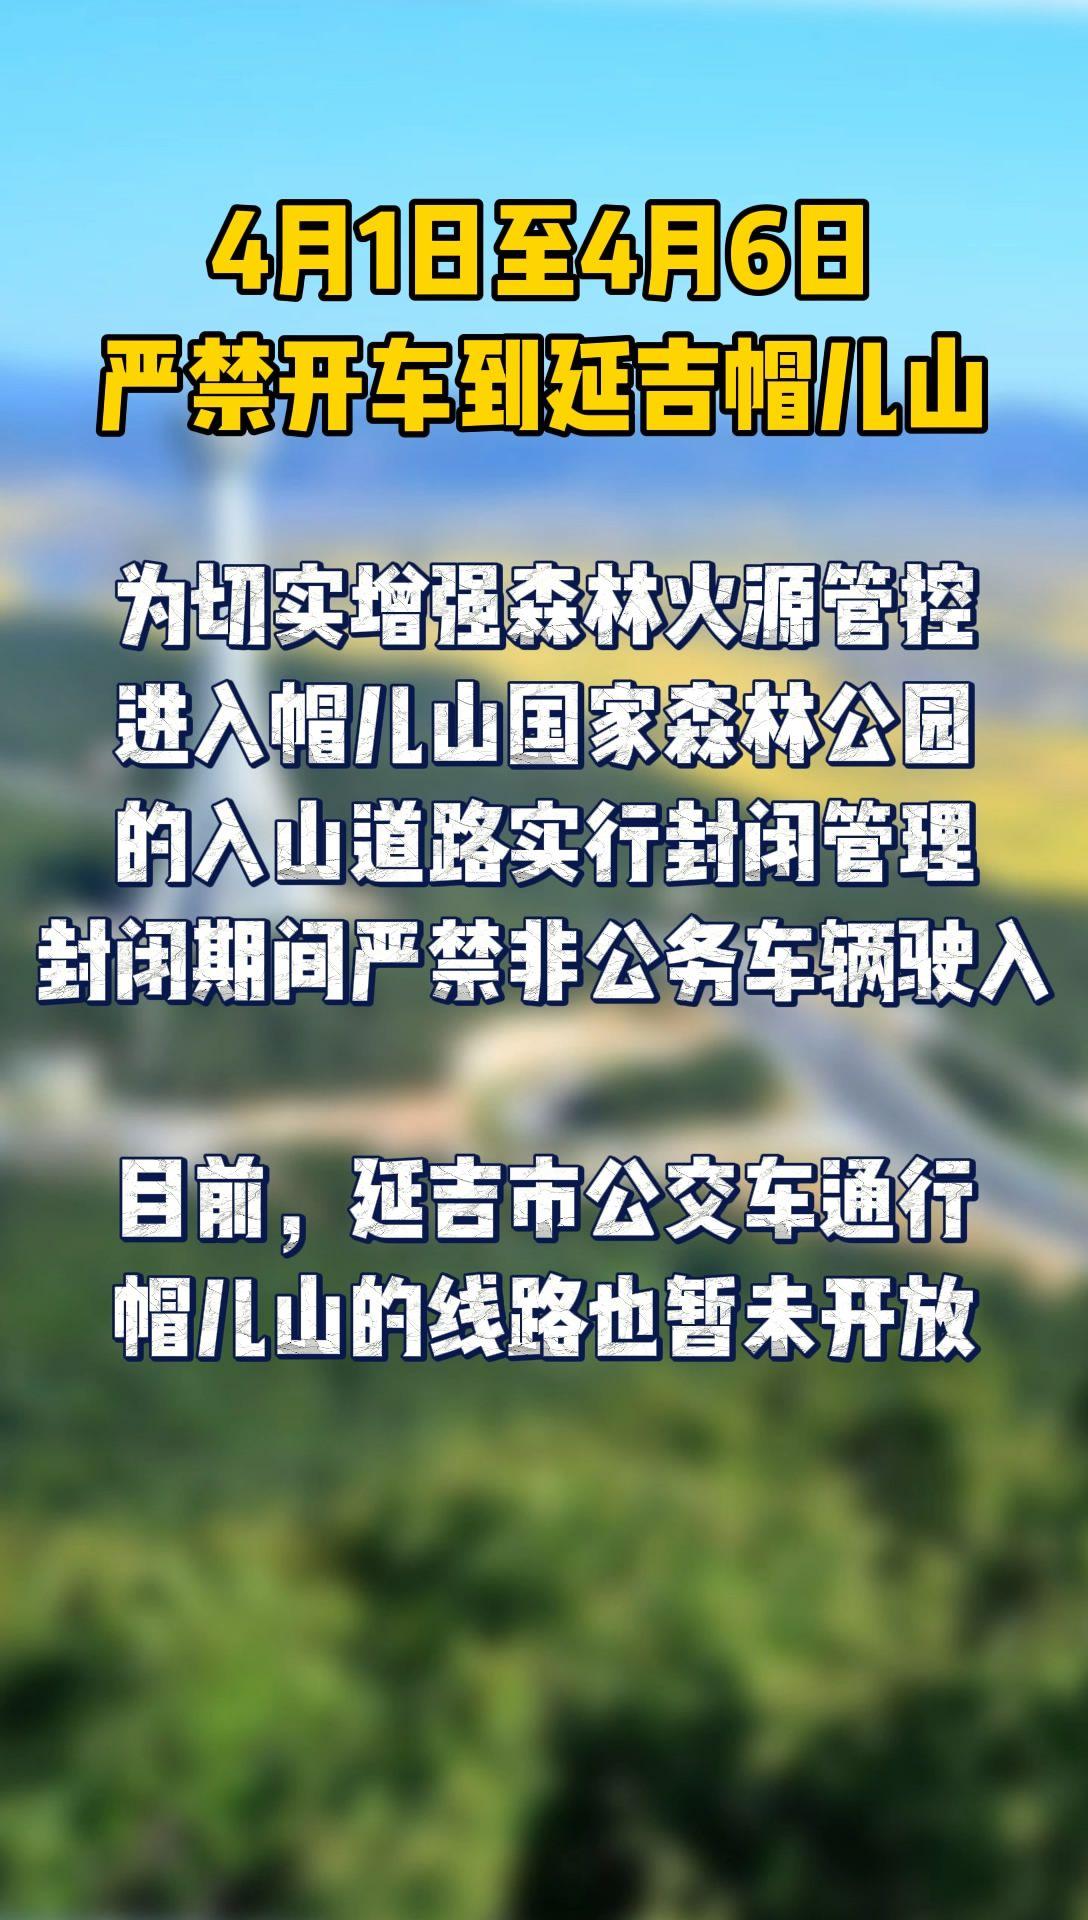 【微视频】4月1日至6日严禁开车到延吉帽儿山